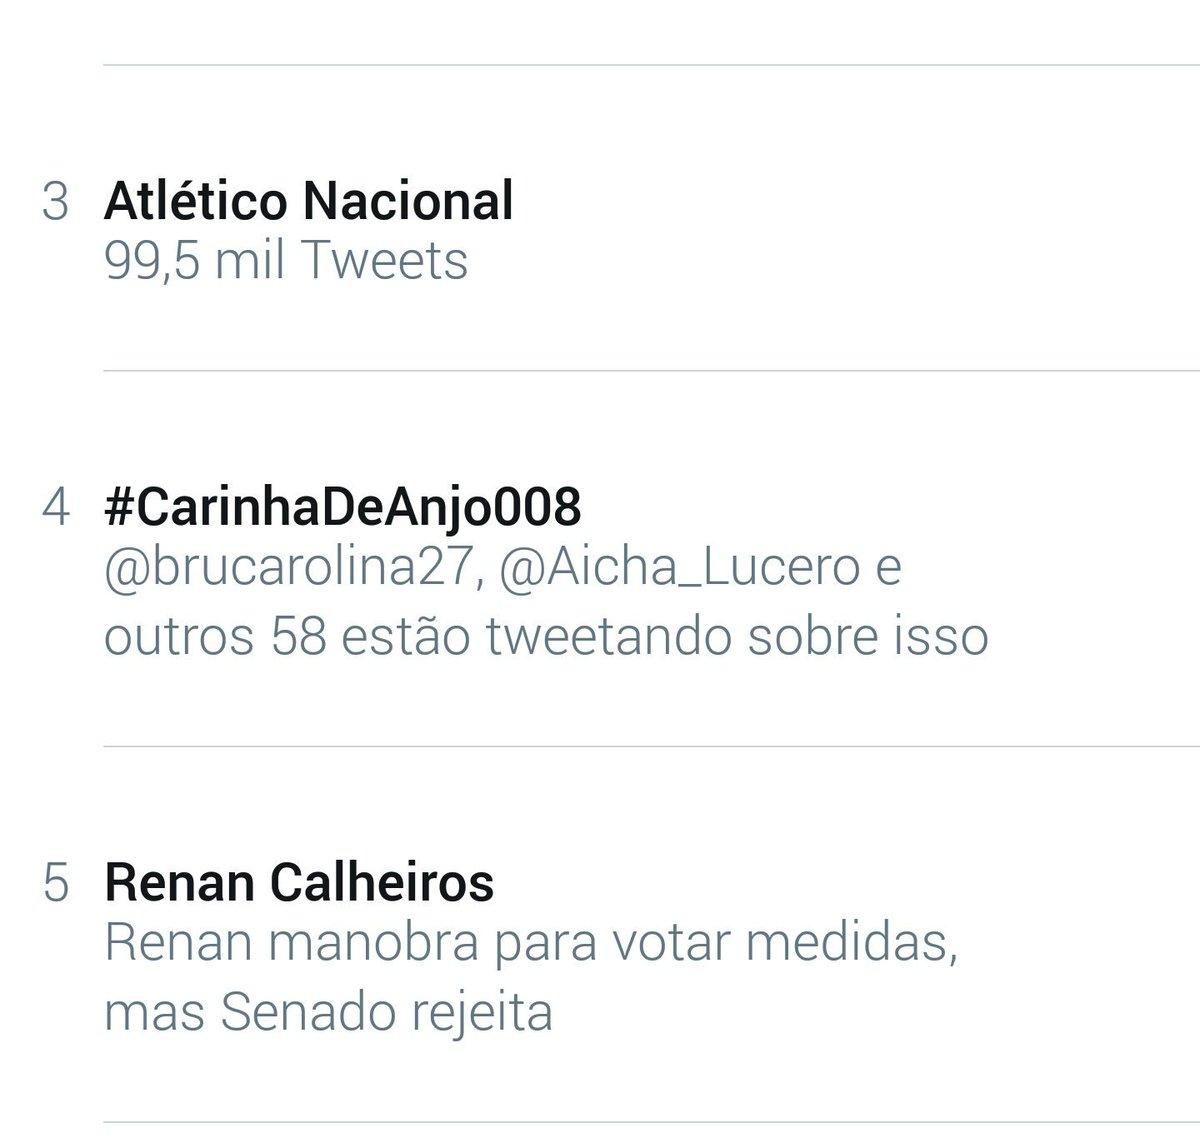 #CarinhaDeAnjo008: Carinha De Anjo 008